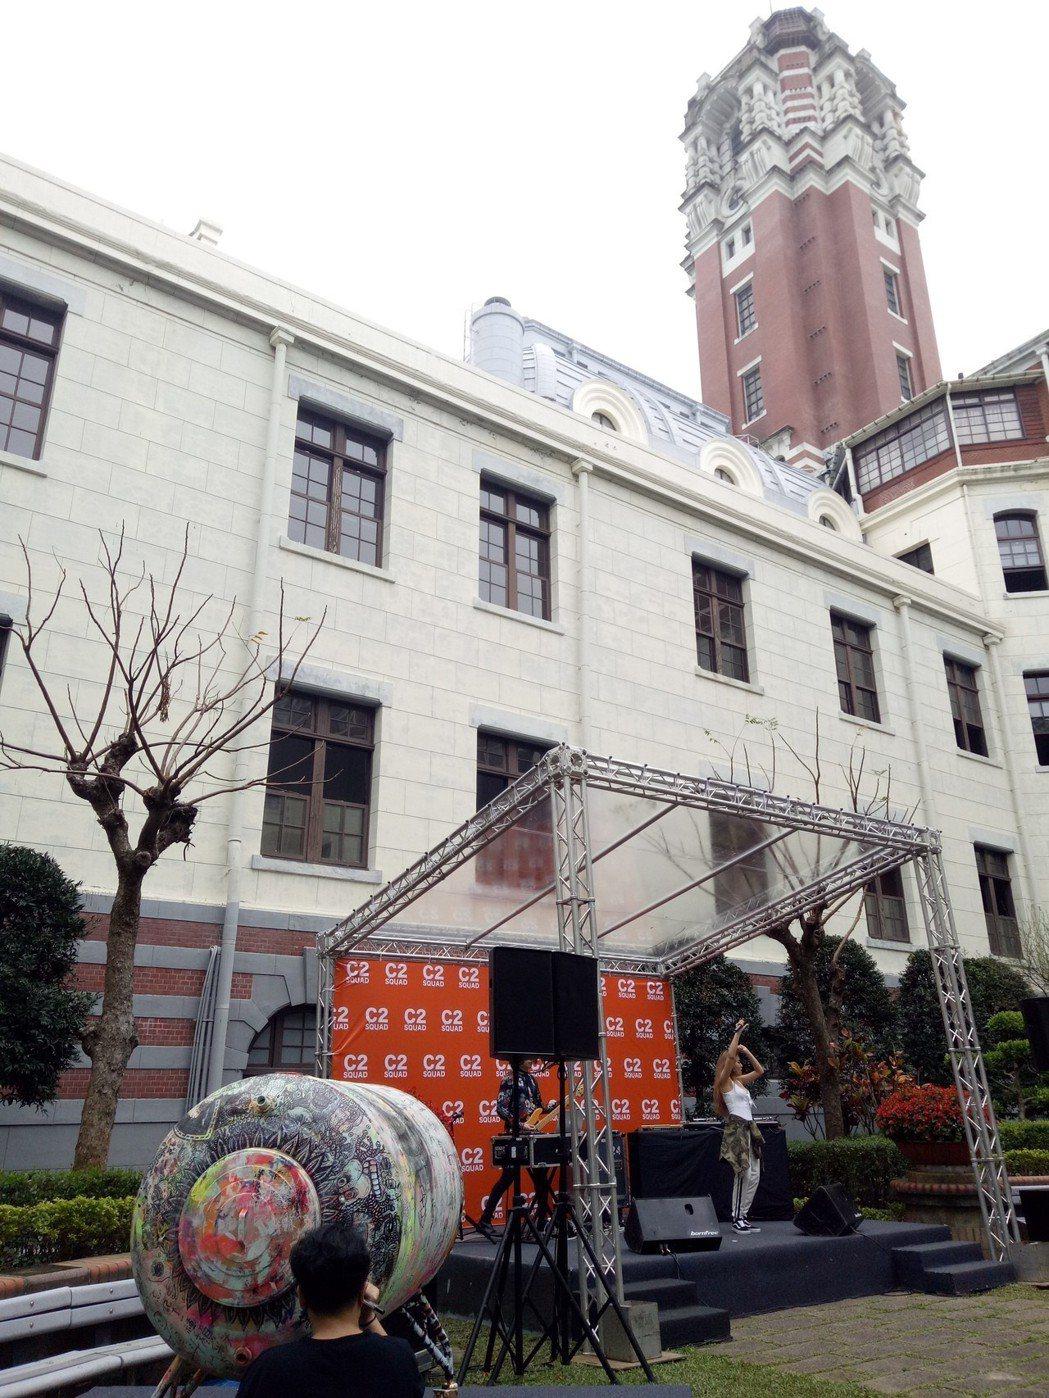 總統府今天開放民眾參觀,並舉辦「C2幫特展」。現場有藝術家水塔塗鴉,搭配樂團演出...